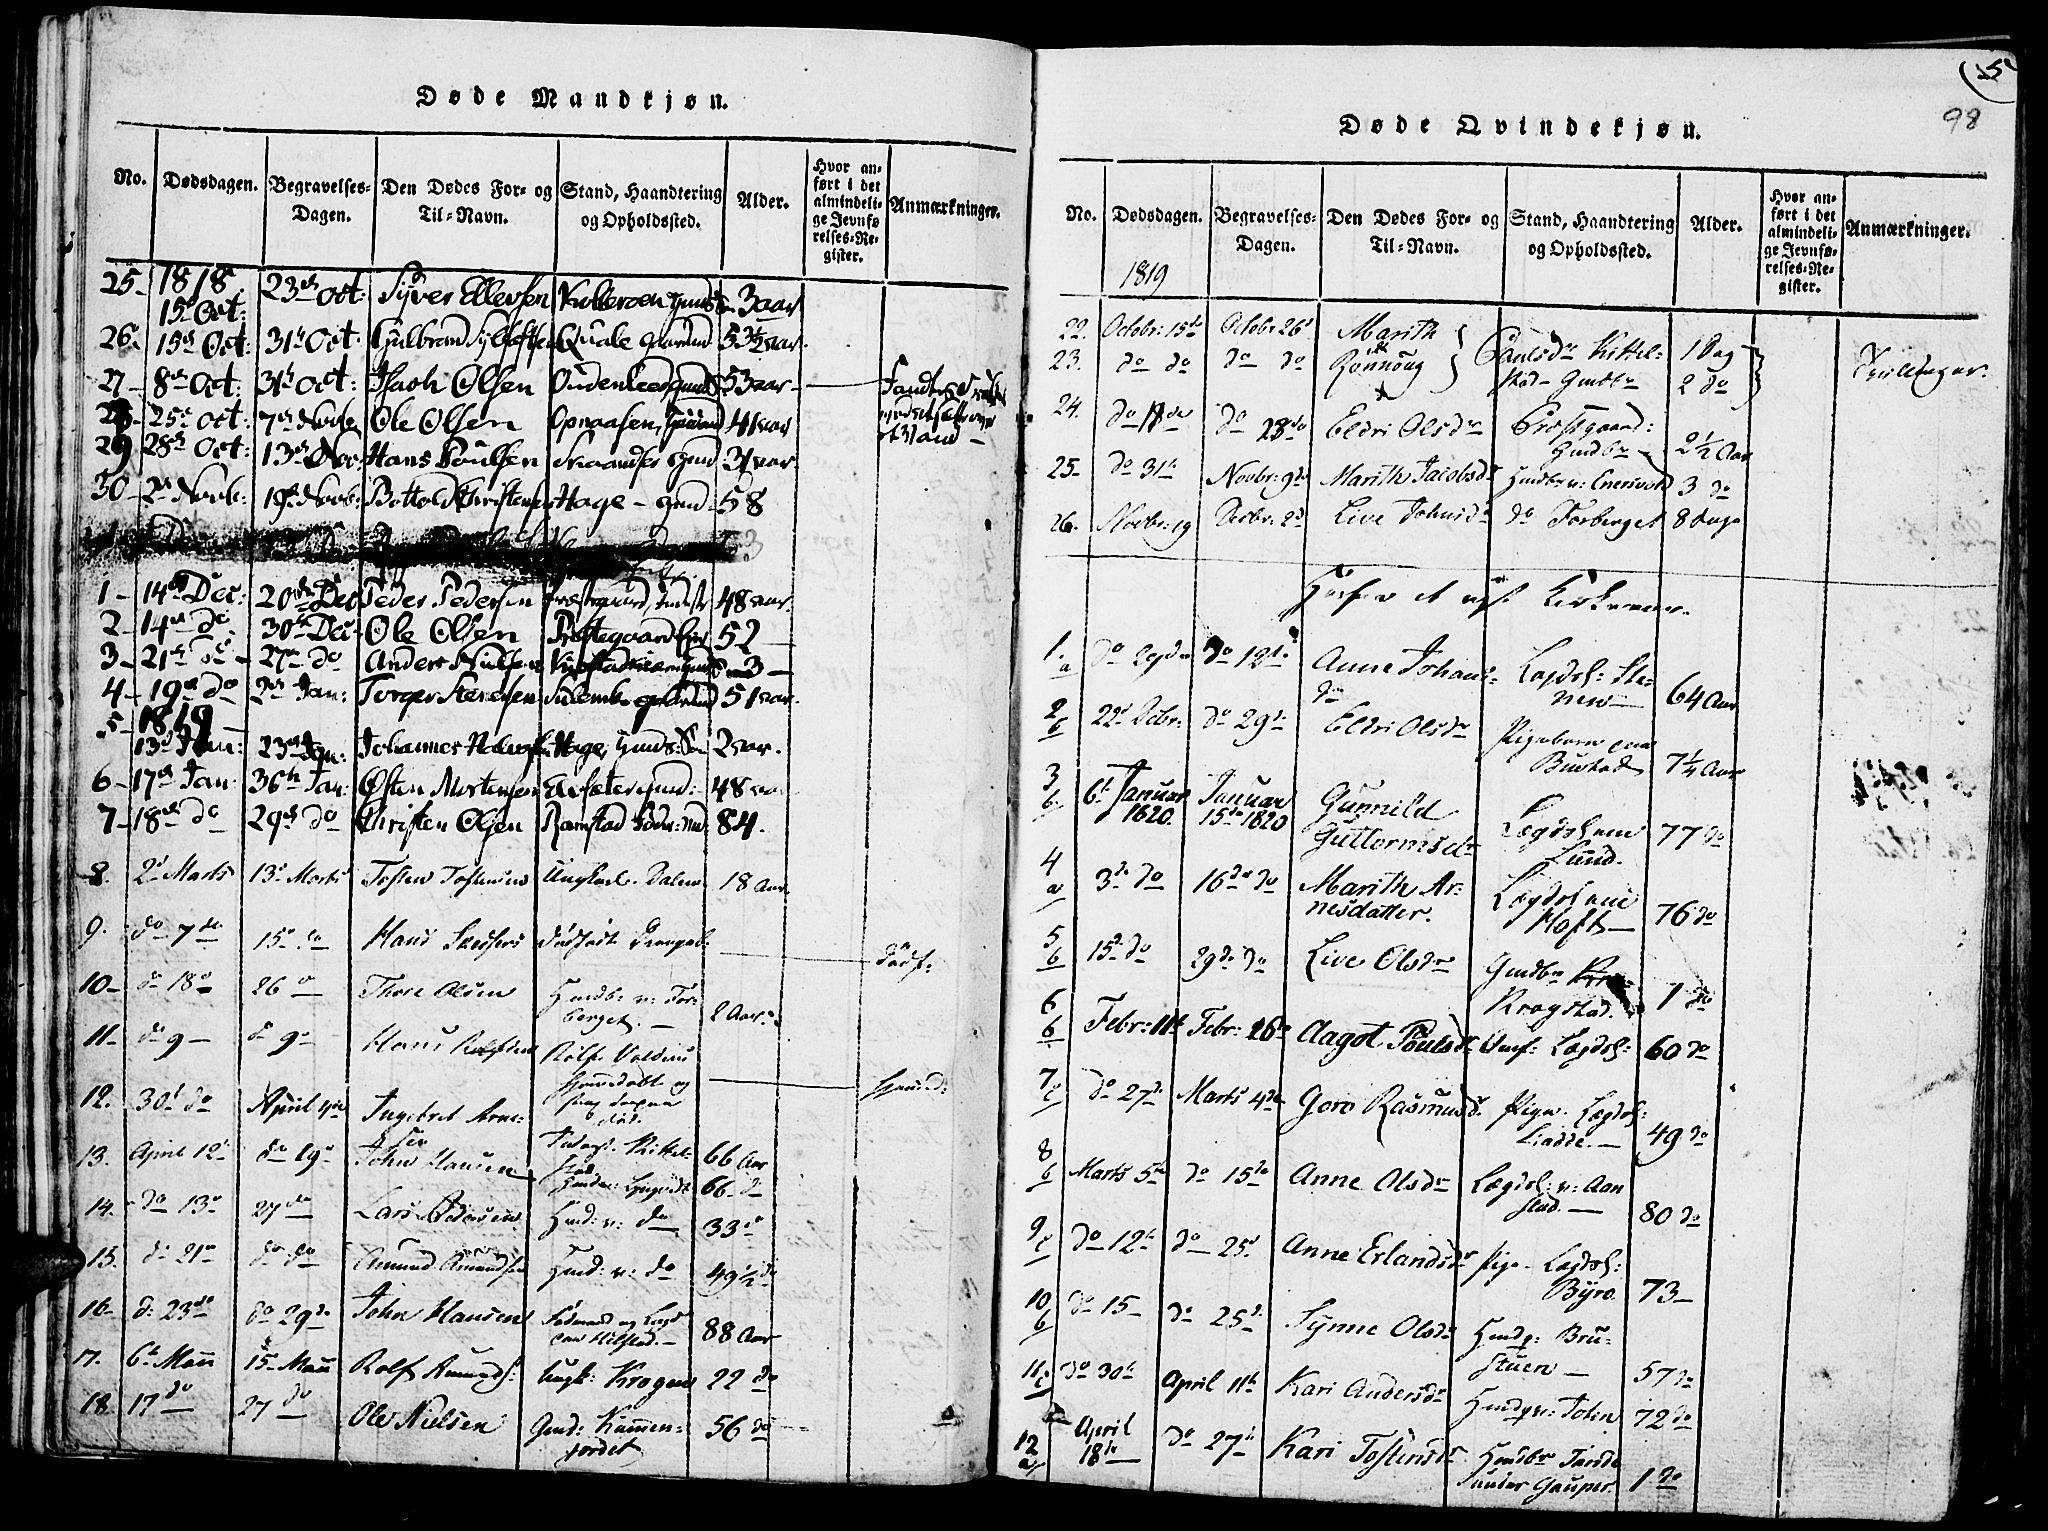 SAH, Lom prestekontor, K/L0004: Ministerialbok nr. 4, 1815-1825, s. 98